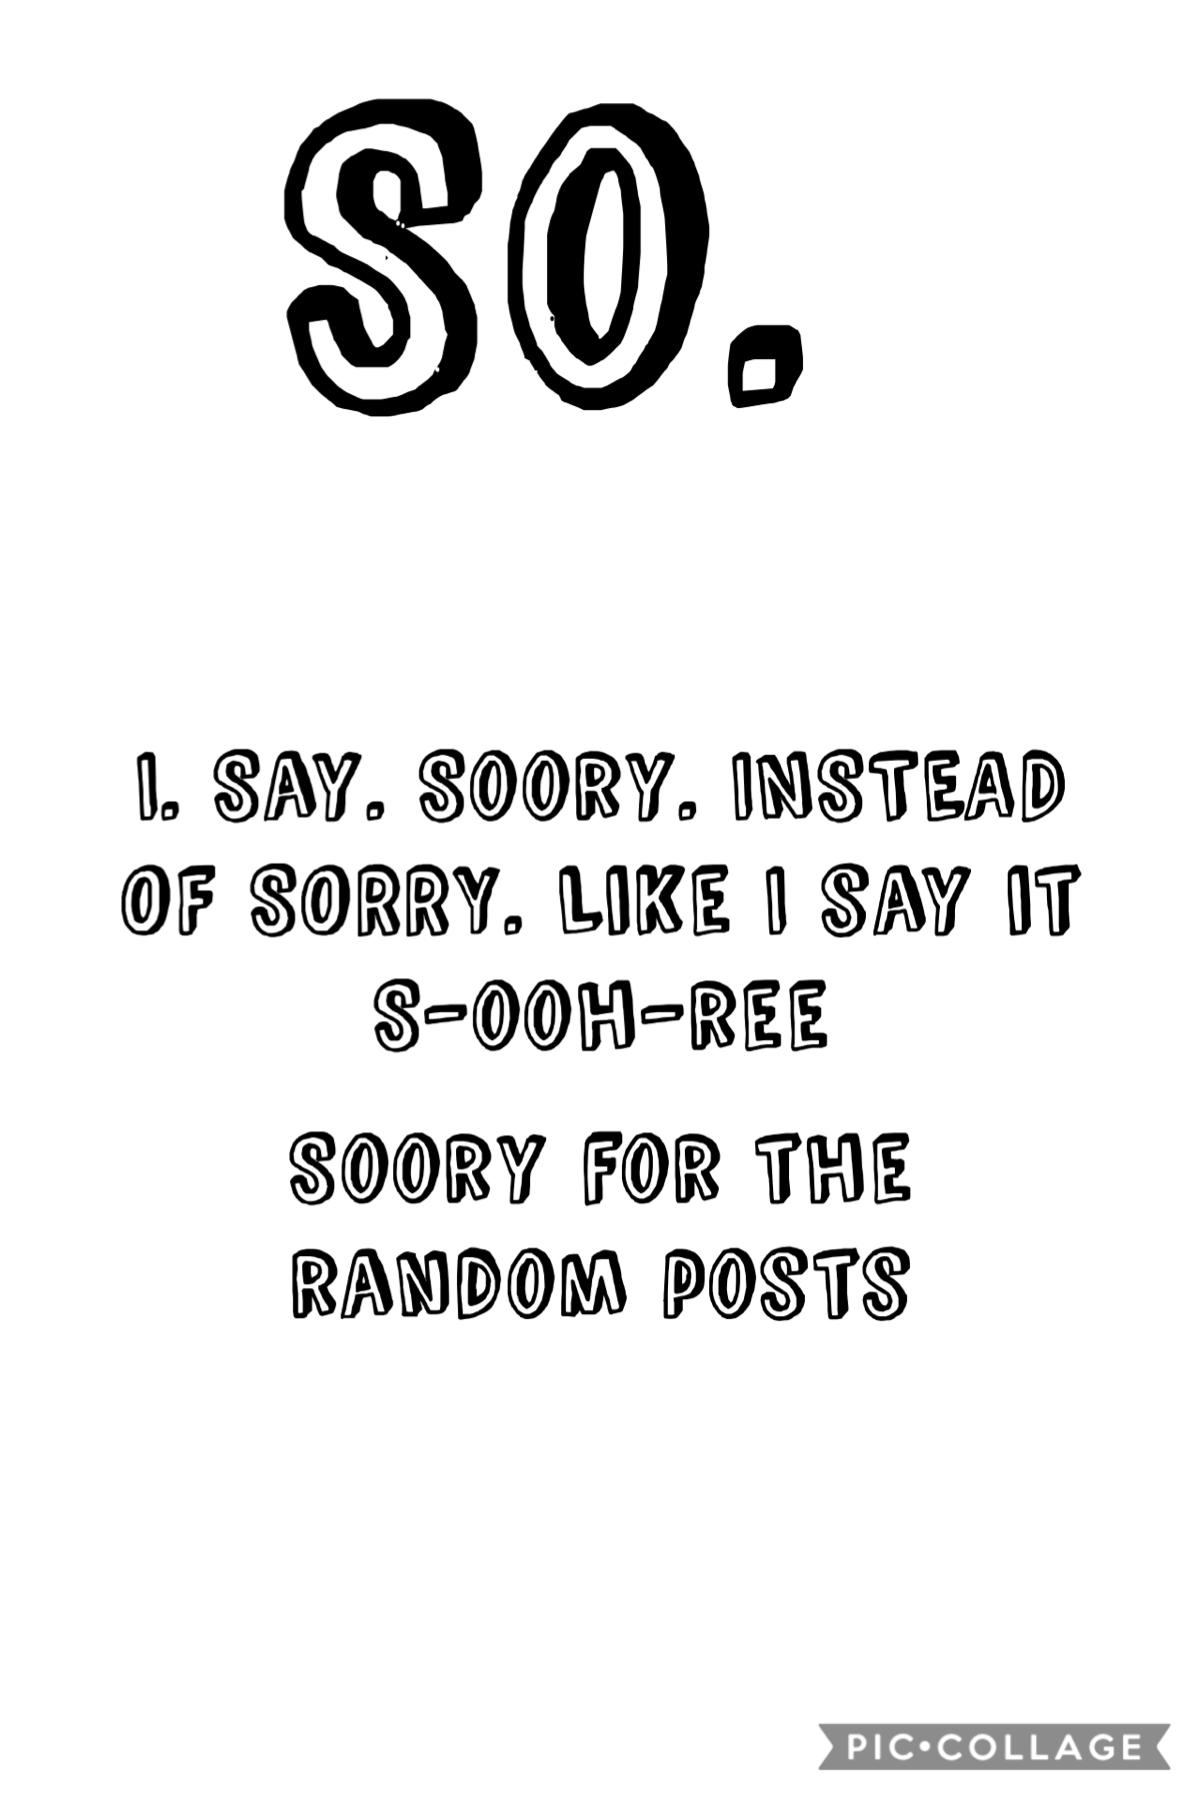 Soory